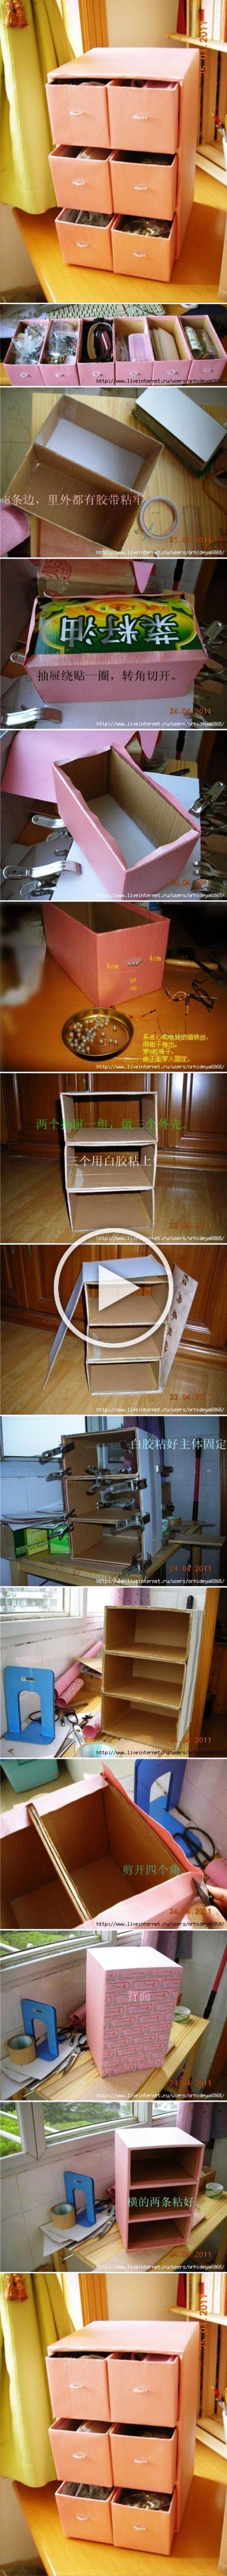 25 geniale Möglichkeiten, alte Pappkartons zu verwenden, anstatt sie wegzuwerfen